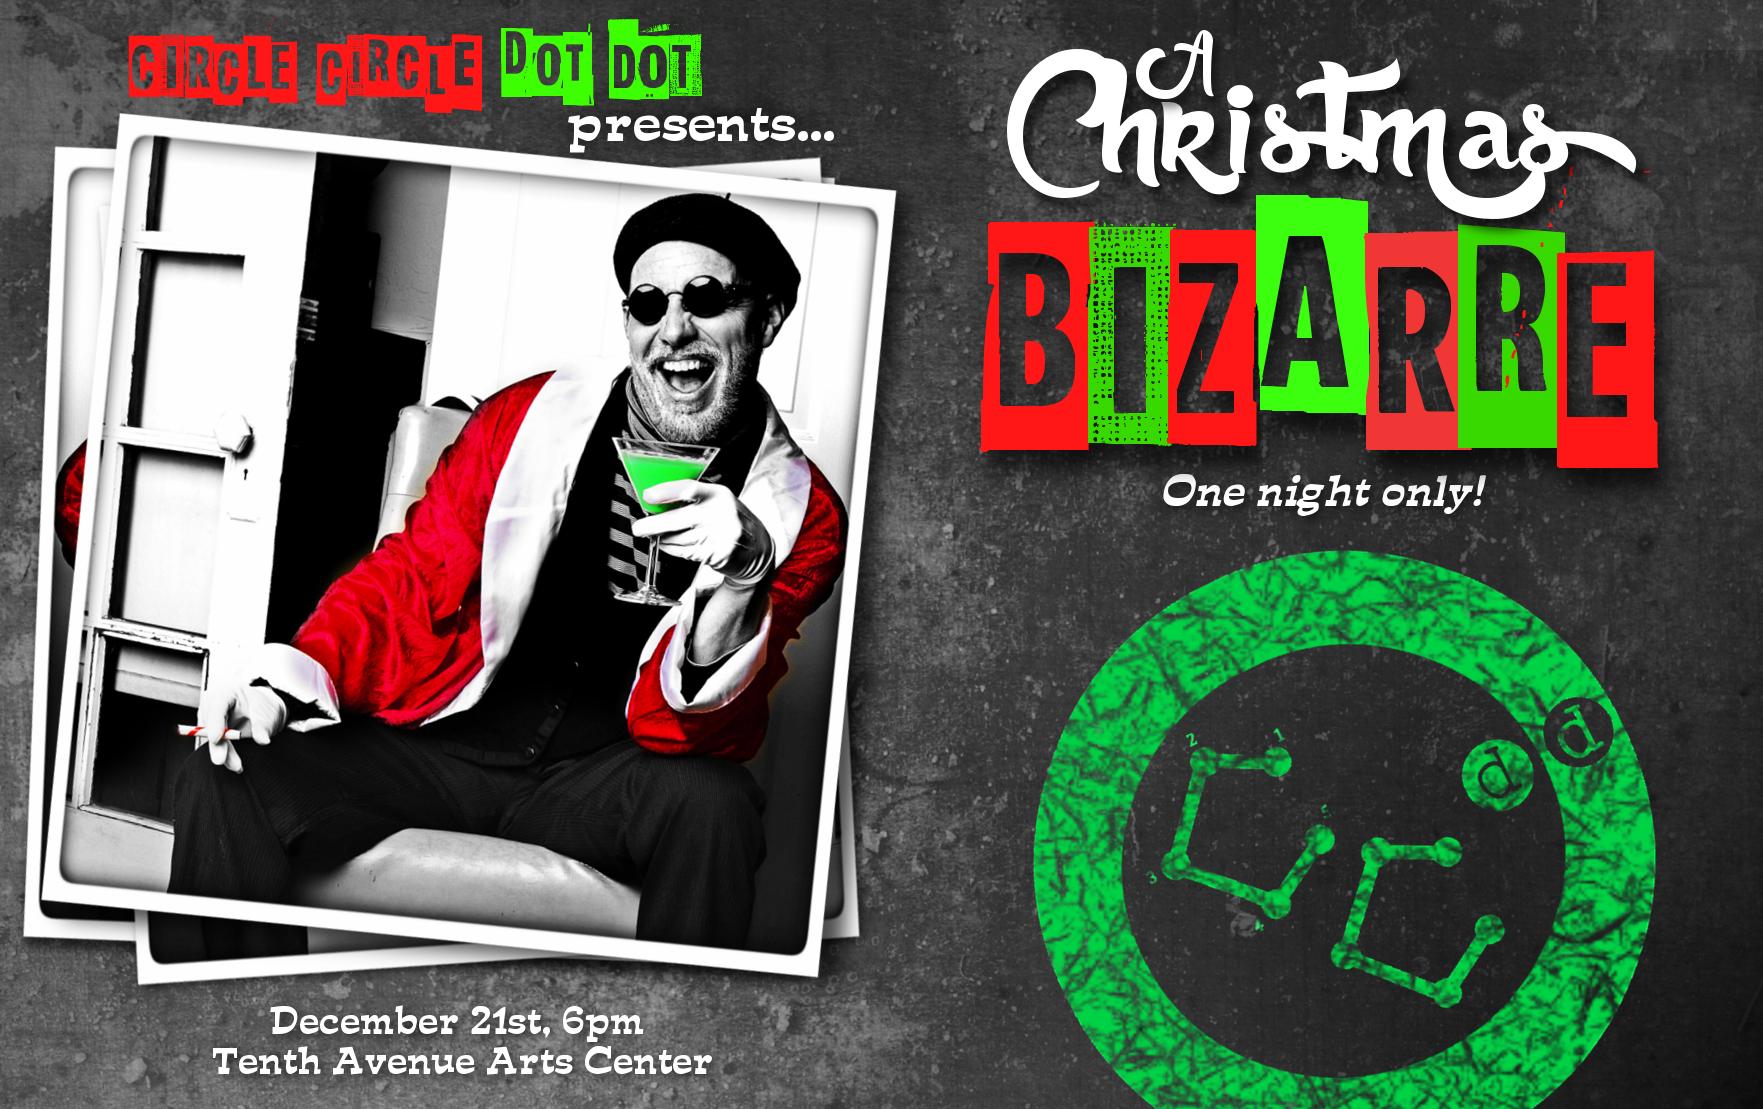 A CHRISTMAS BIZARRE *Bonus Holiday Fundraiser Event